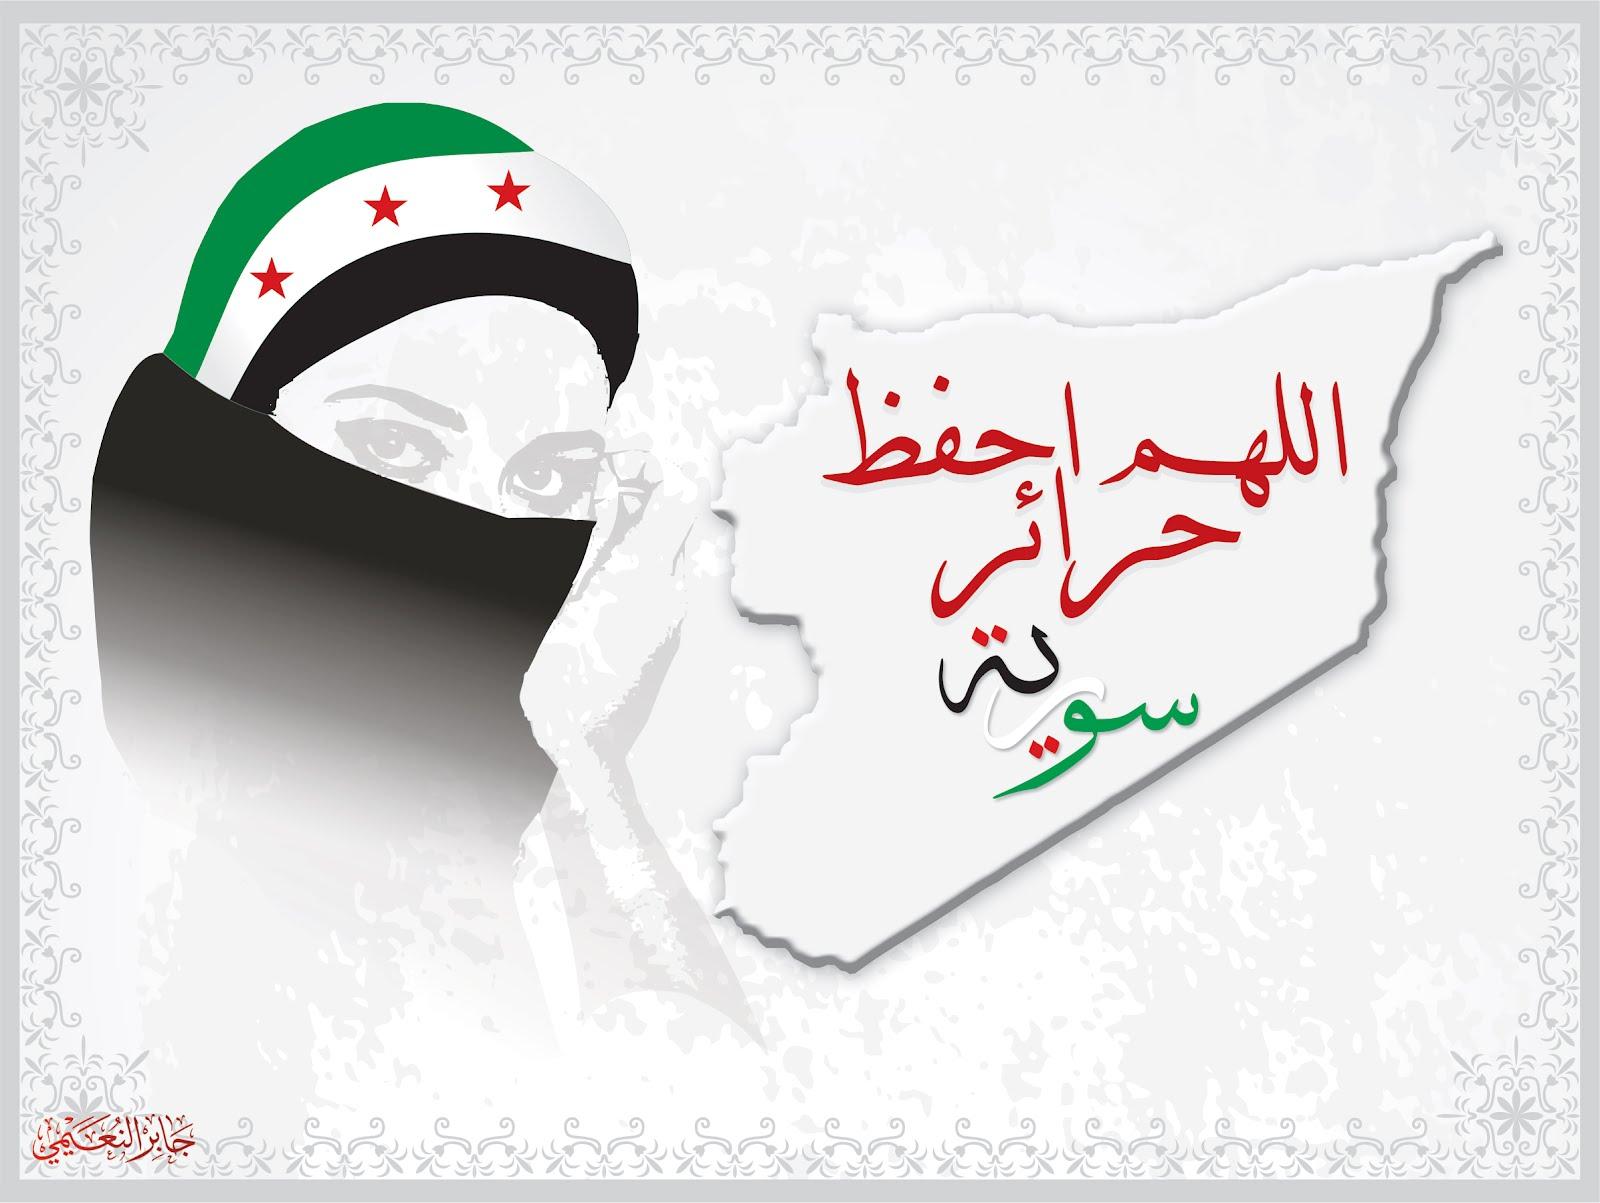 بالصور كلمات باللهجة السوريه ومعانيها 20160626 375